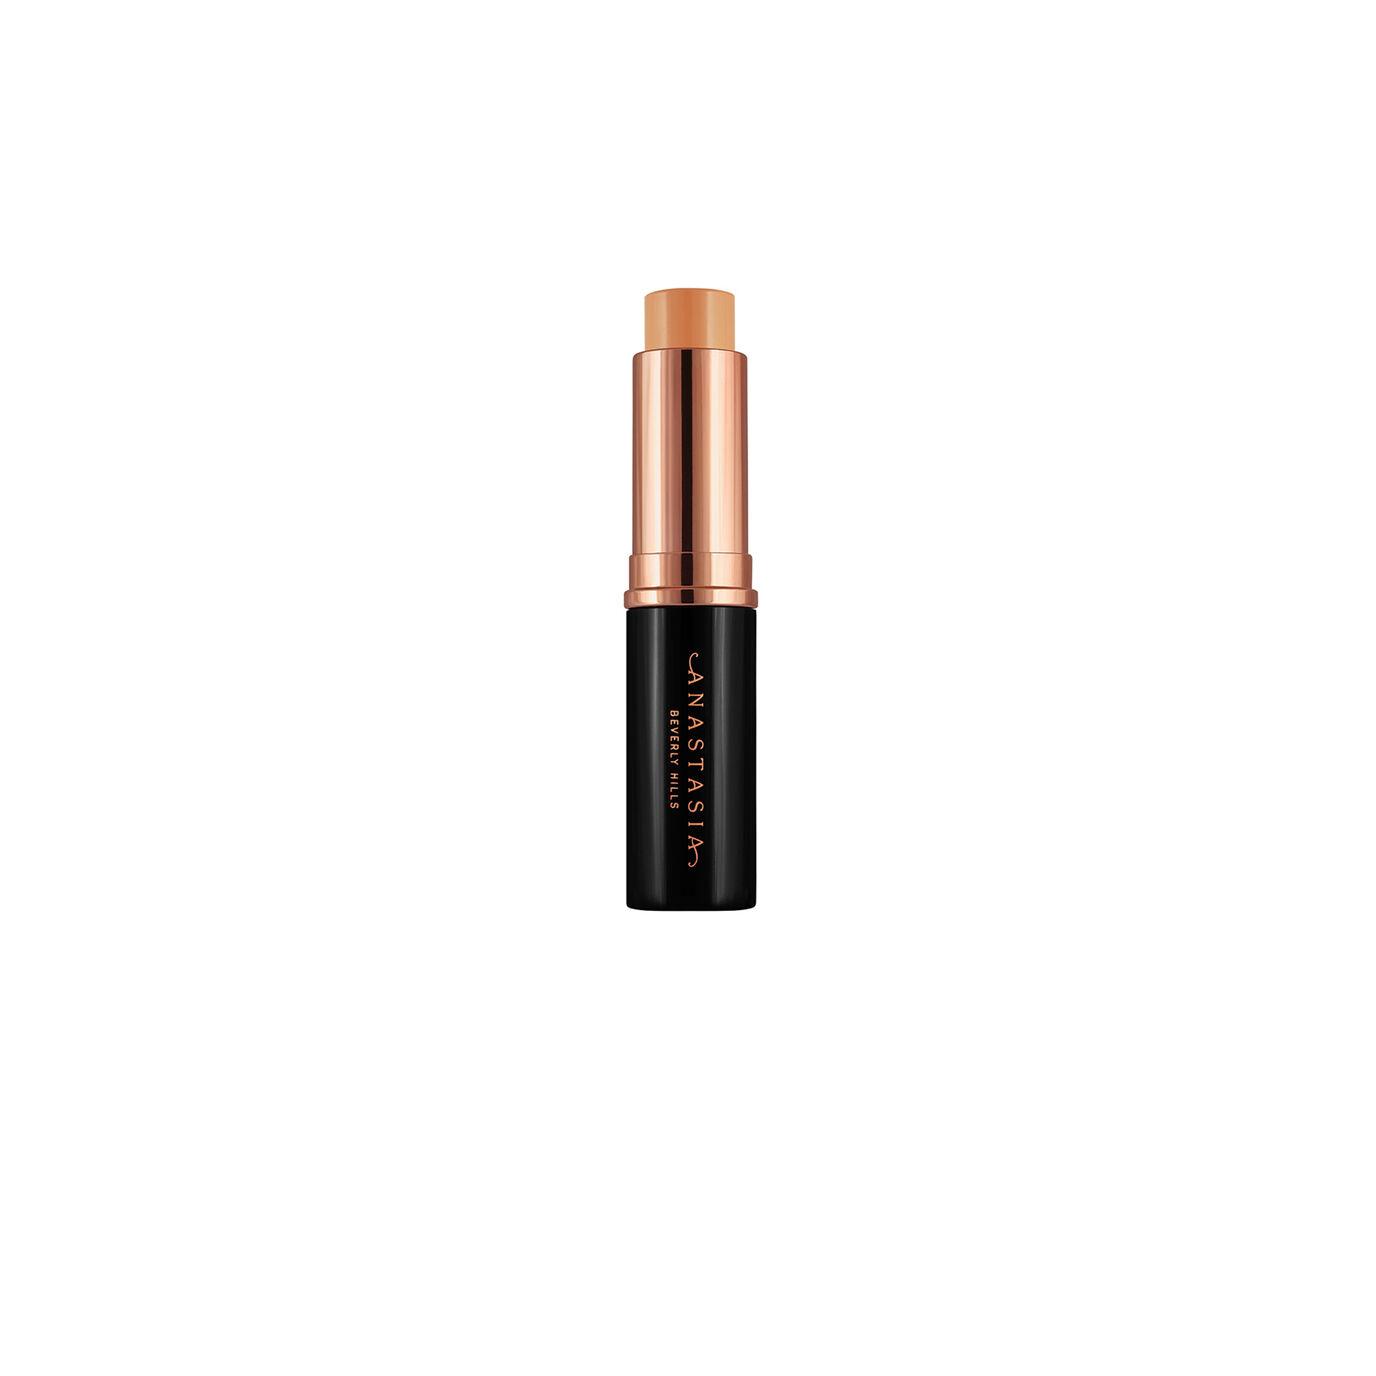 Stick Foundation - Almond